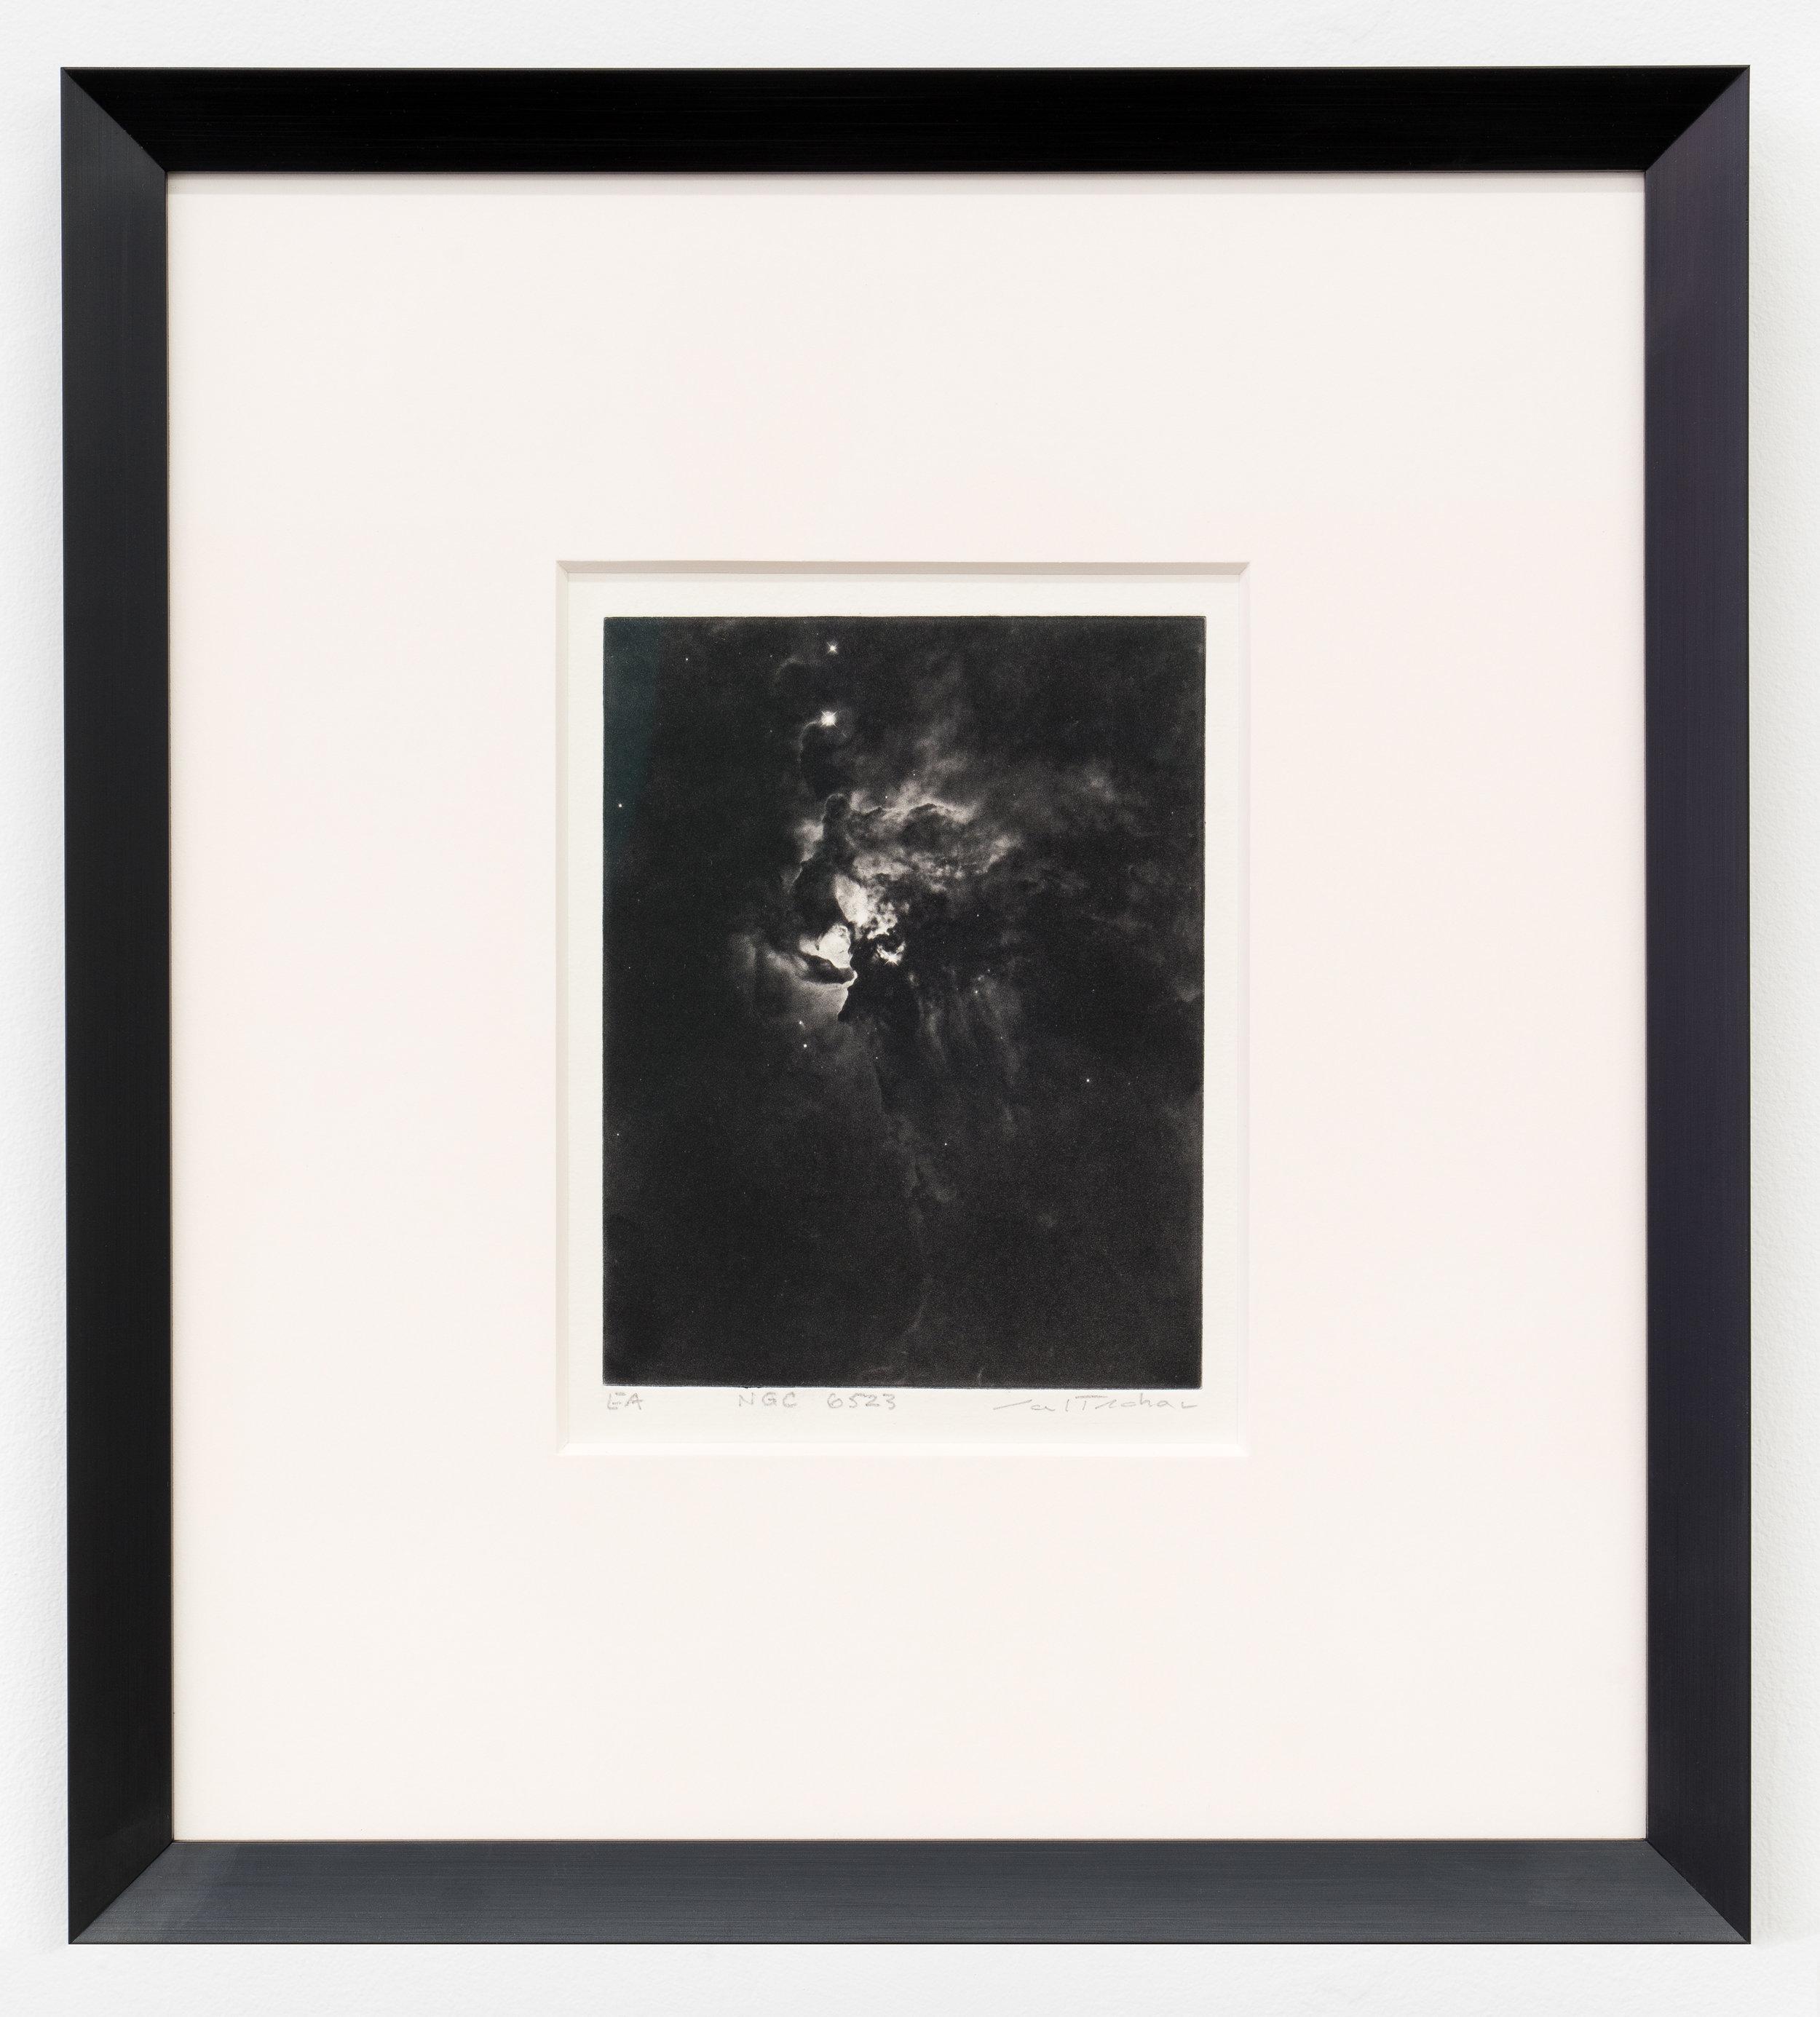 """Carl Trahan,  NGC 6523 , édition de 4,   2018, estampe à l'eau forte sur papier, imprimé par Maria Chronopoulos, 26 x 22 cm (10"""" x 8.5"""")"""